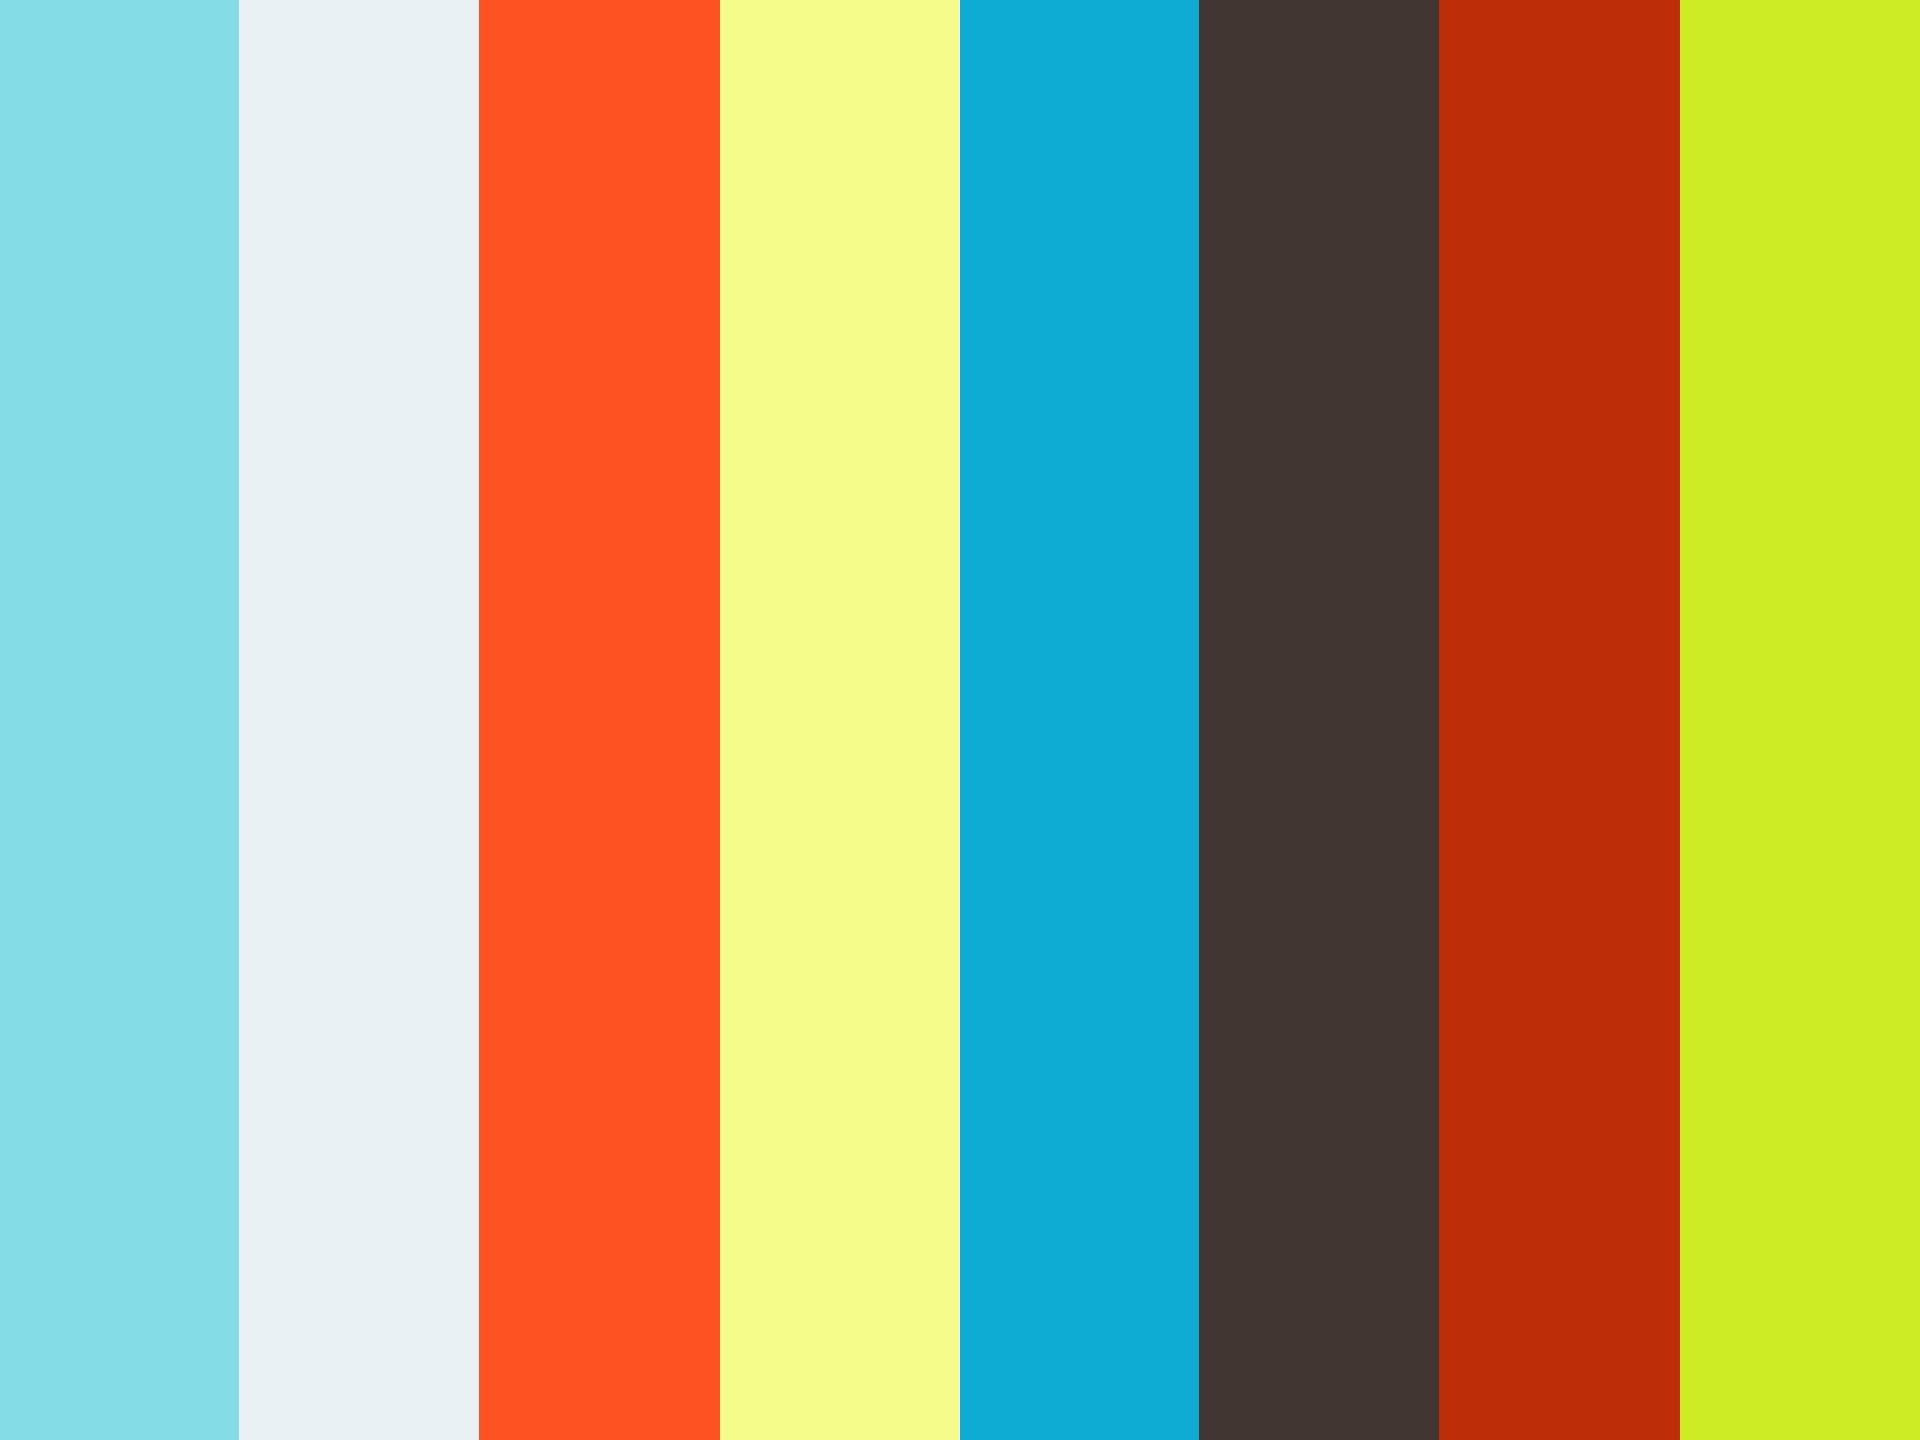 Sexual minorities uganda website